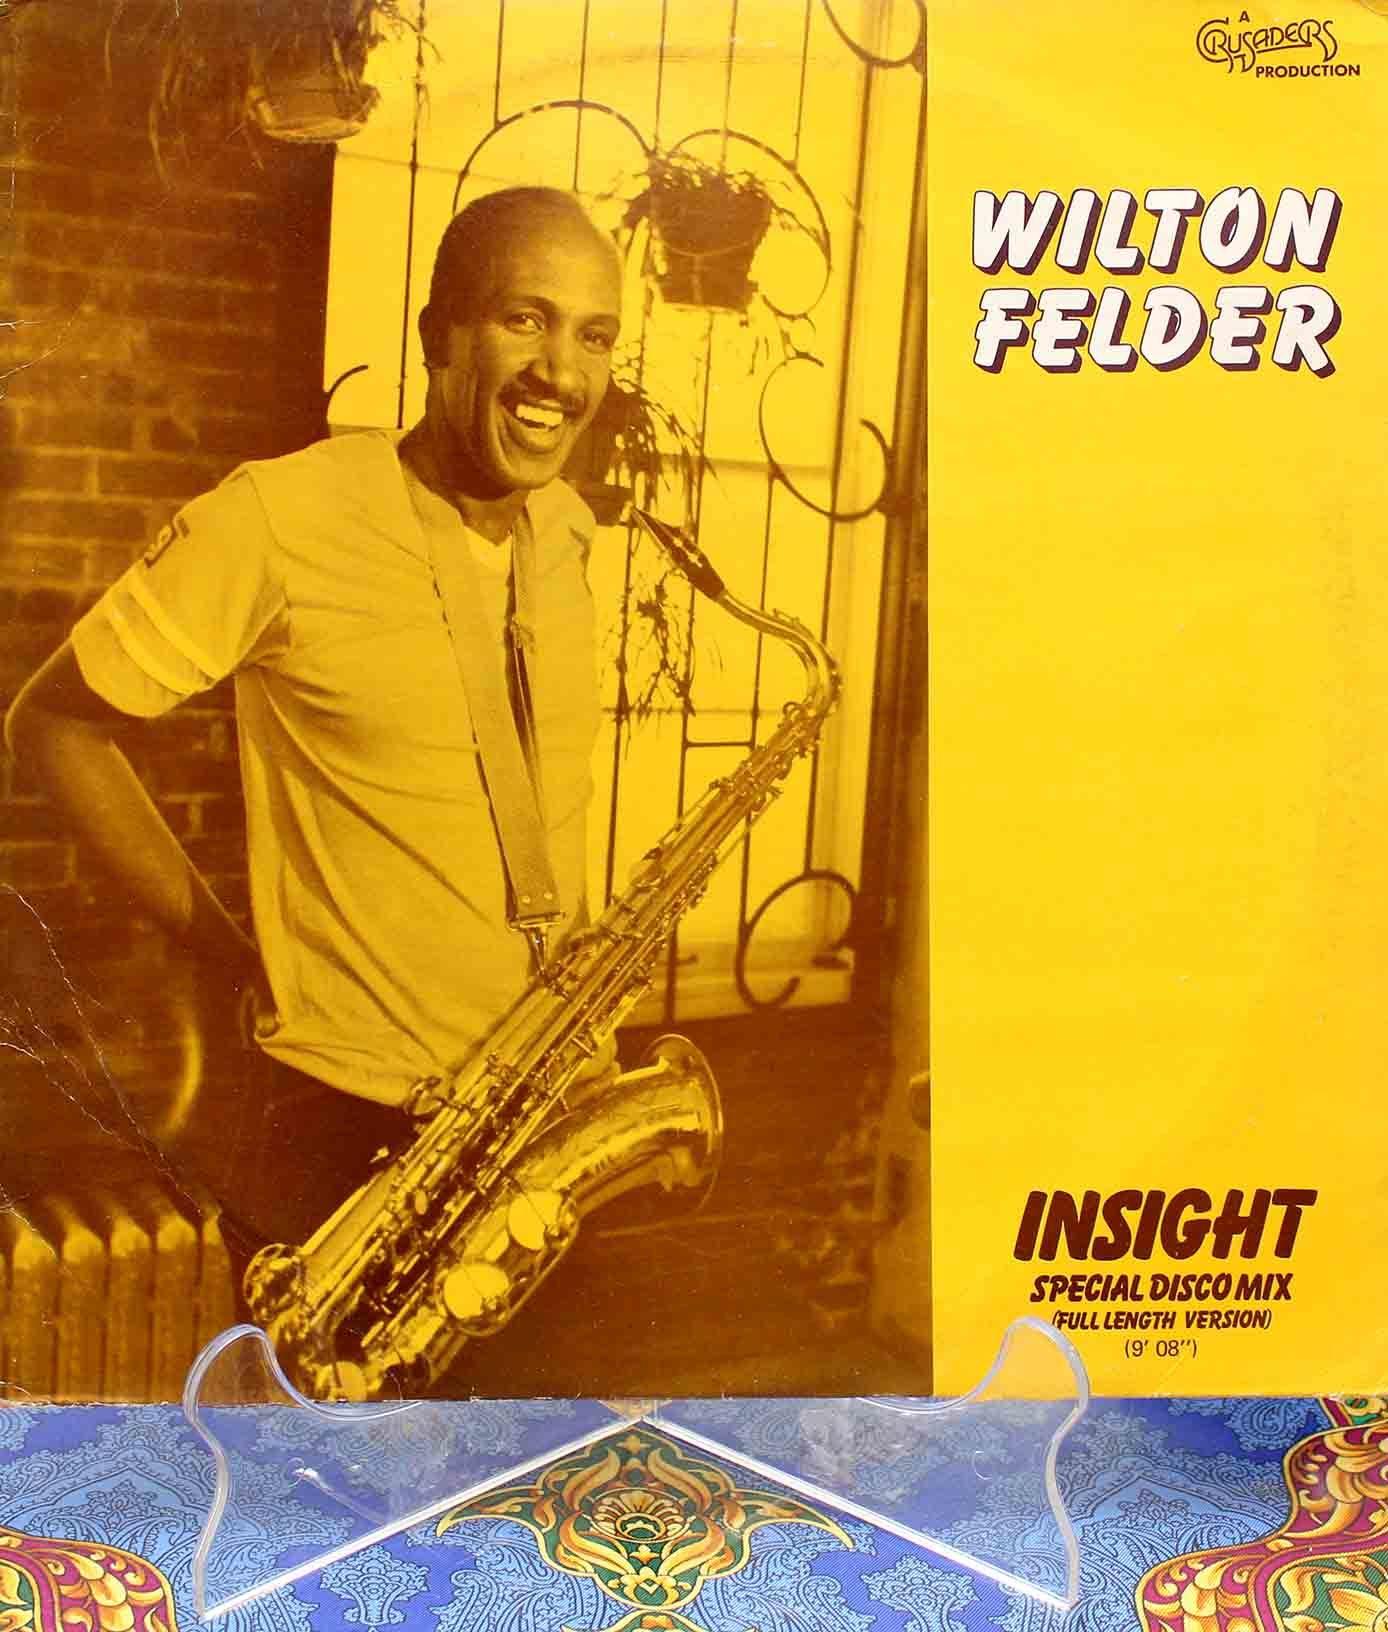 Wilton Felder – Insight 01